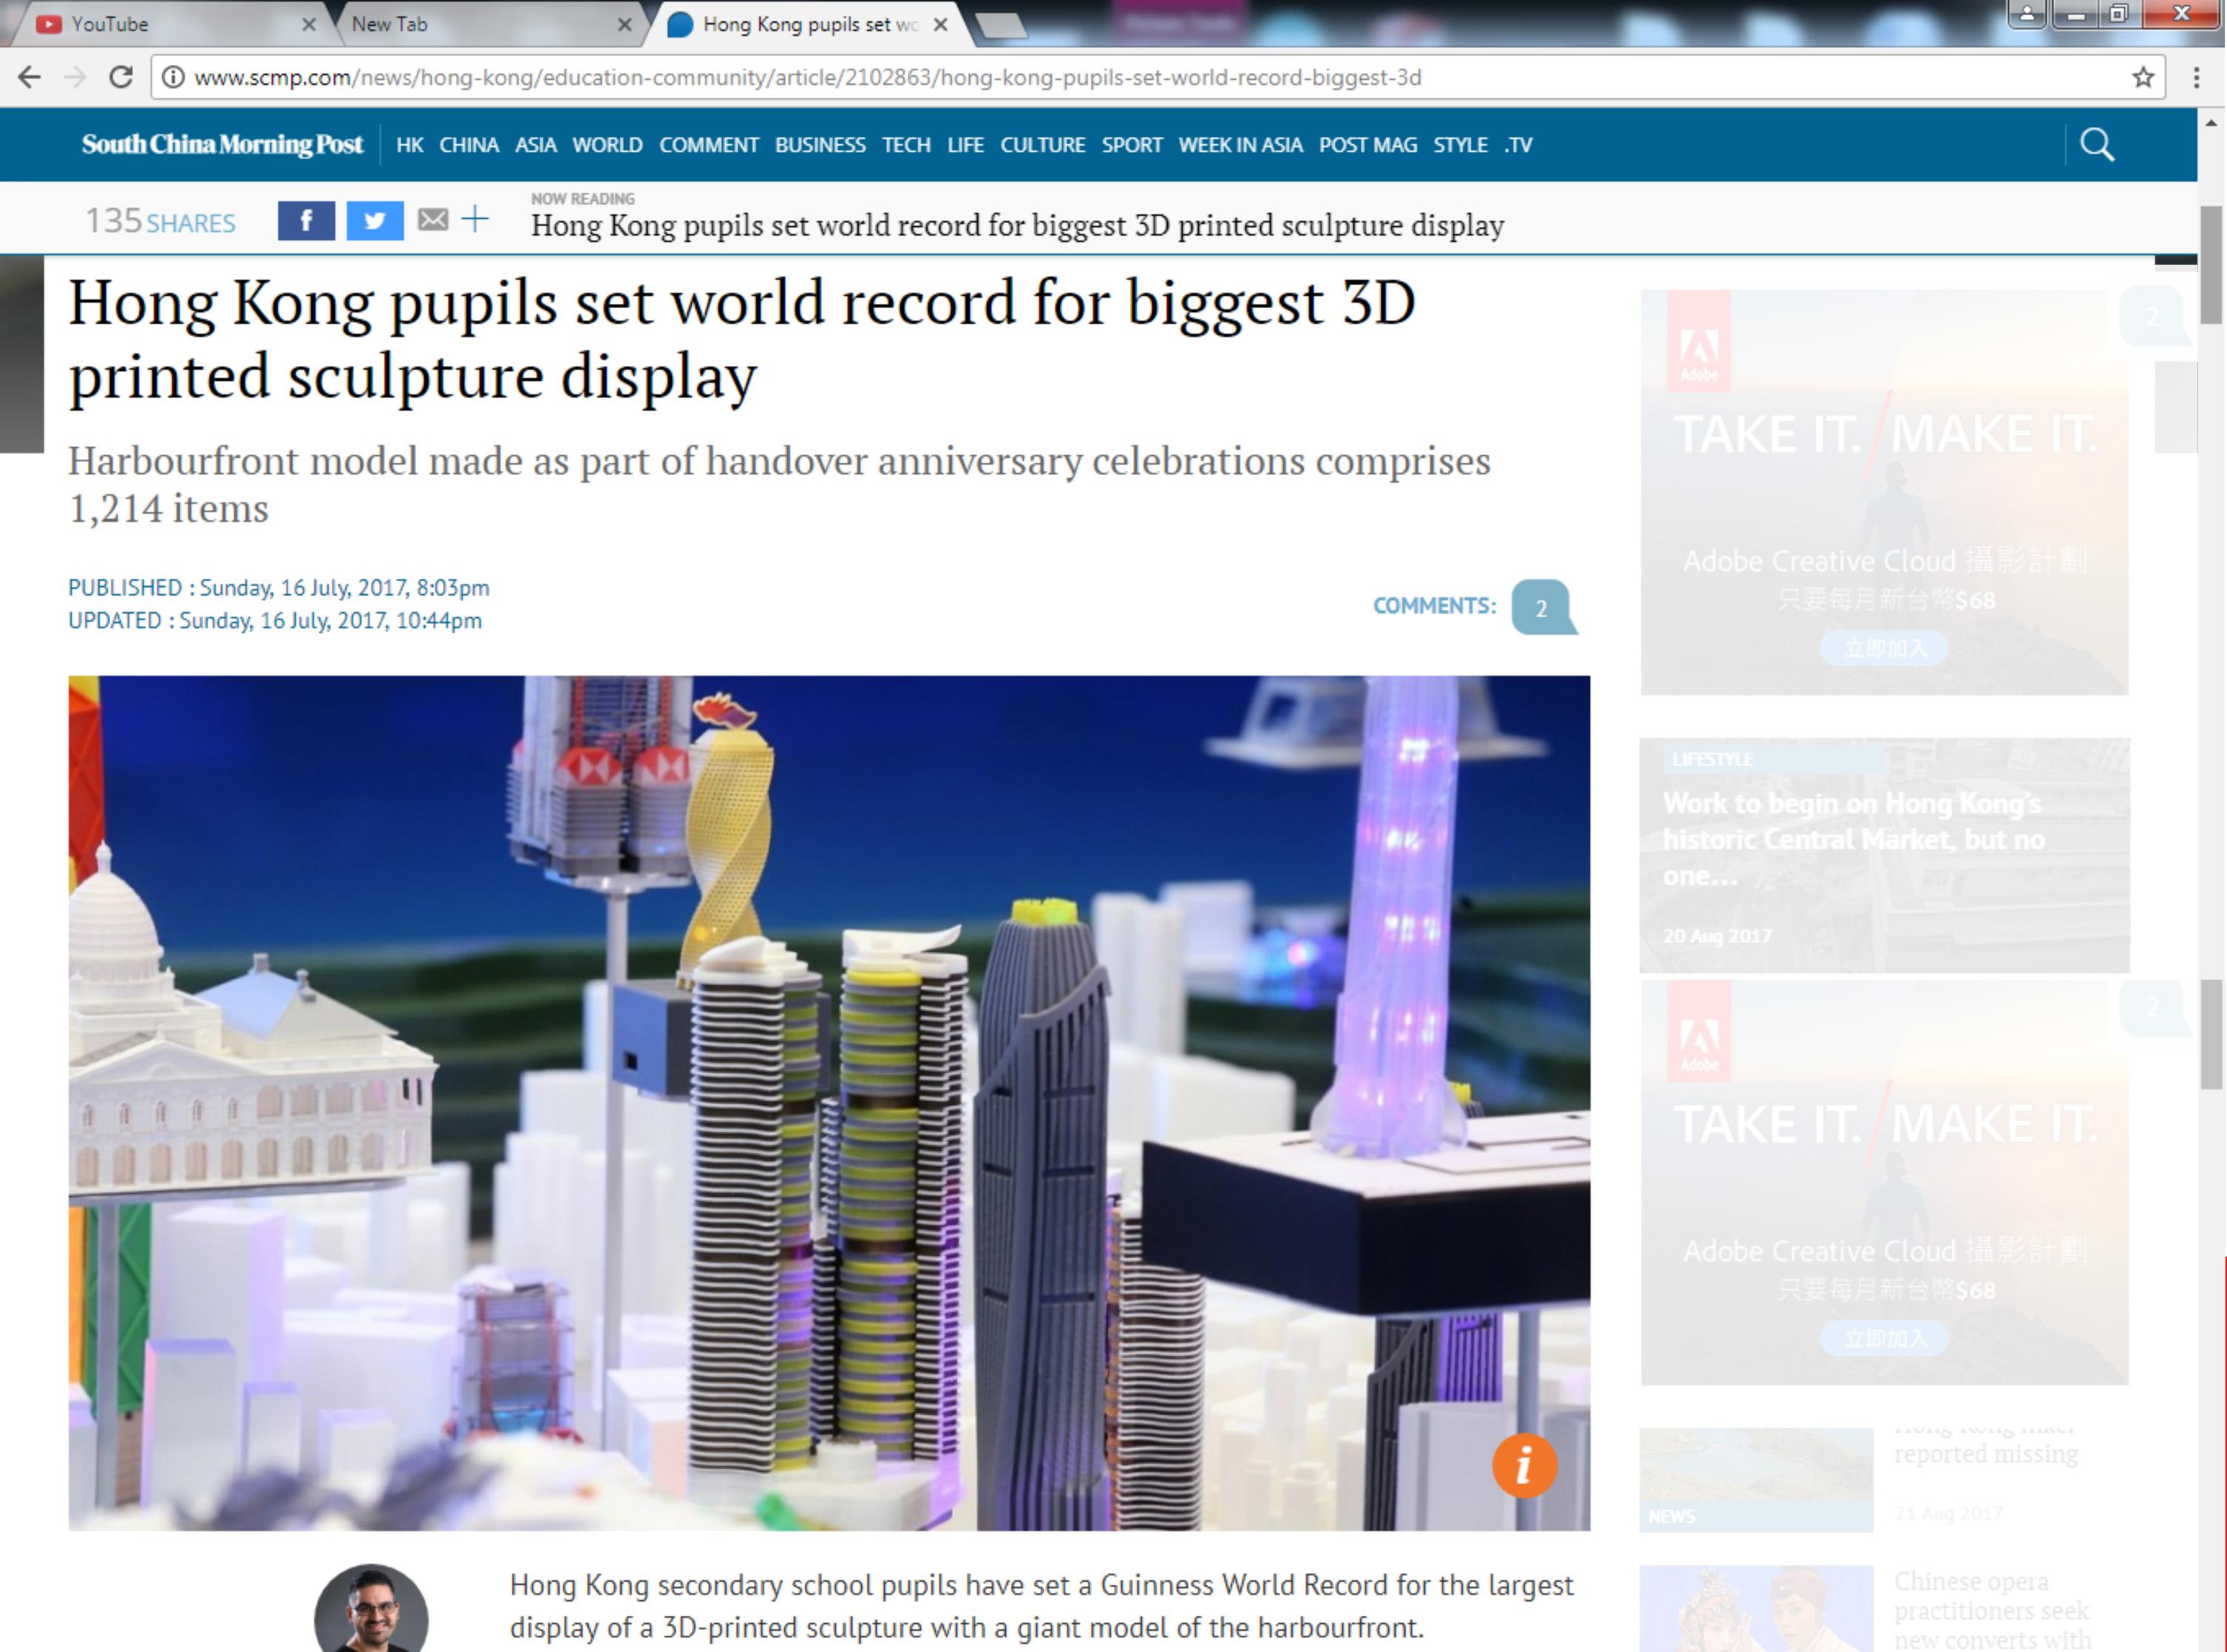 天主教慈幼會伍少梅中學的3D打印比賽銀獎 - 迷人的維港相片16